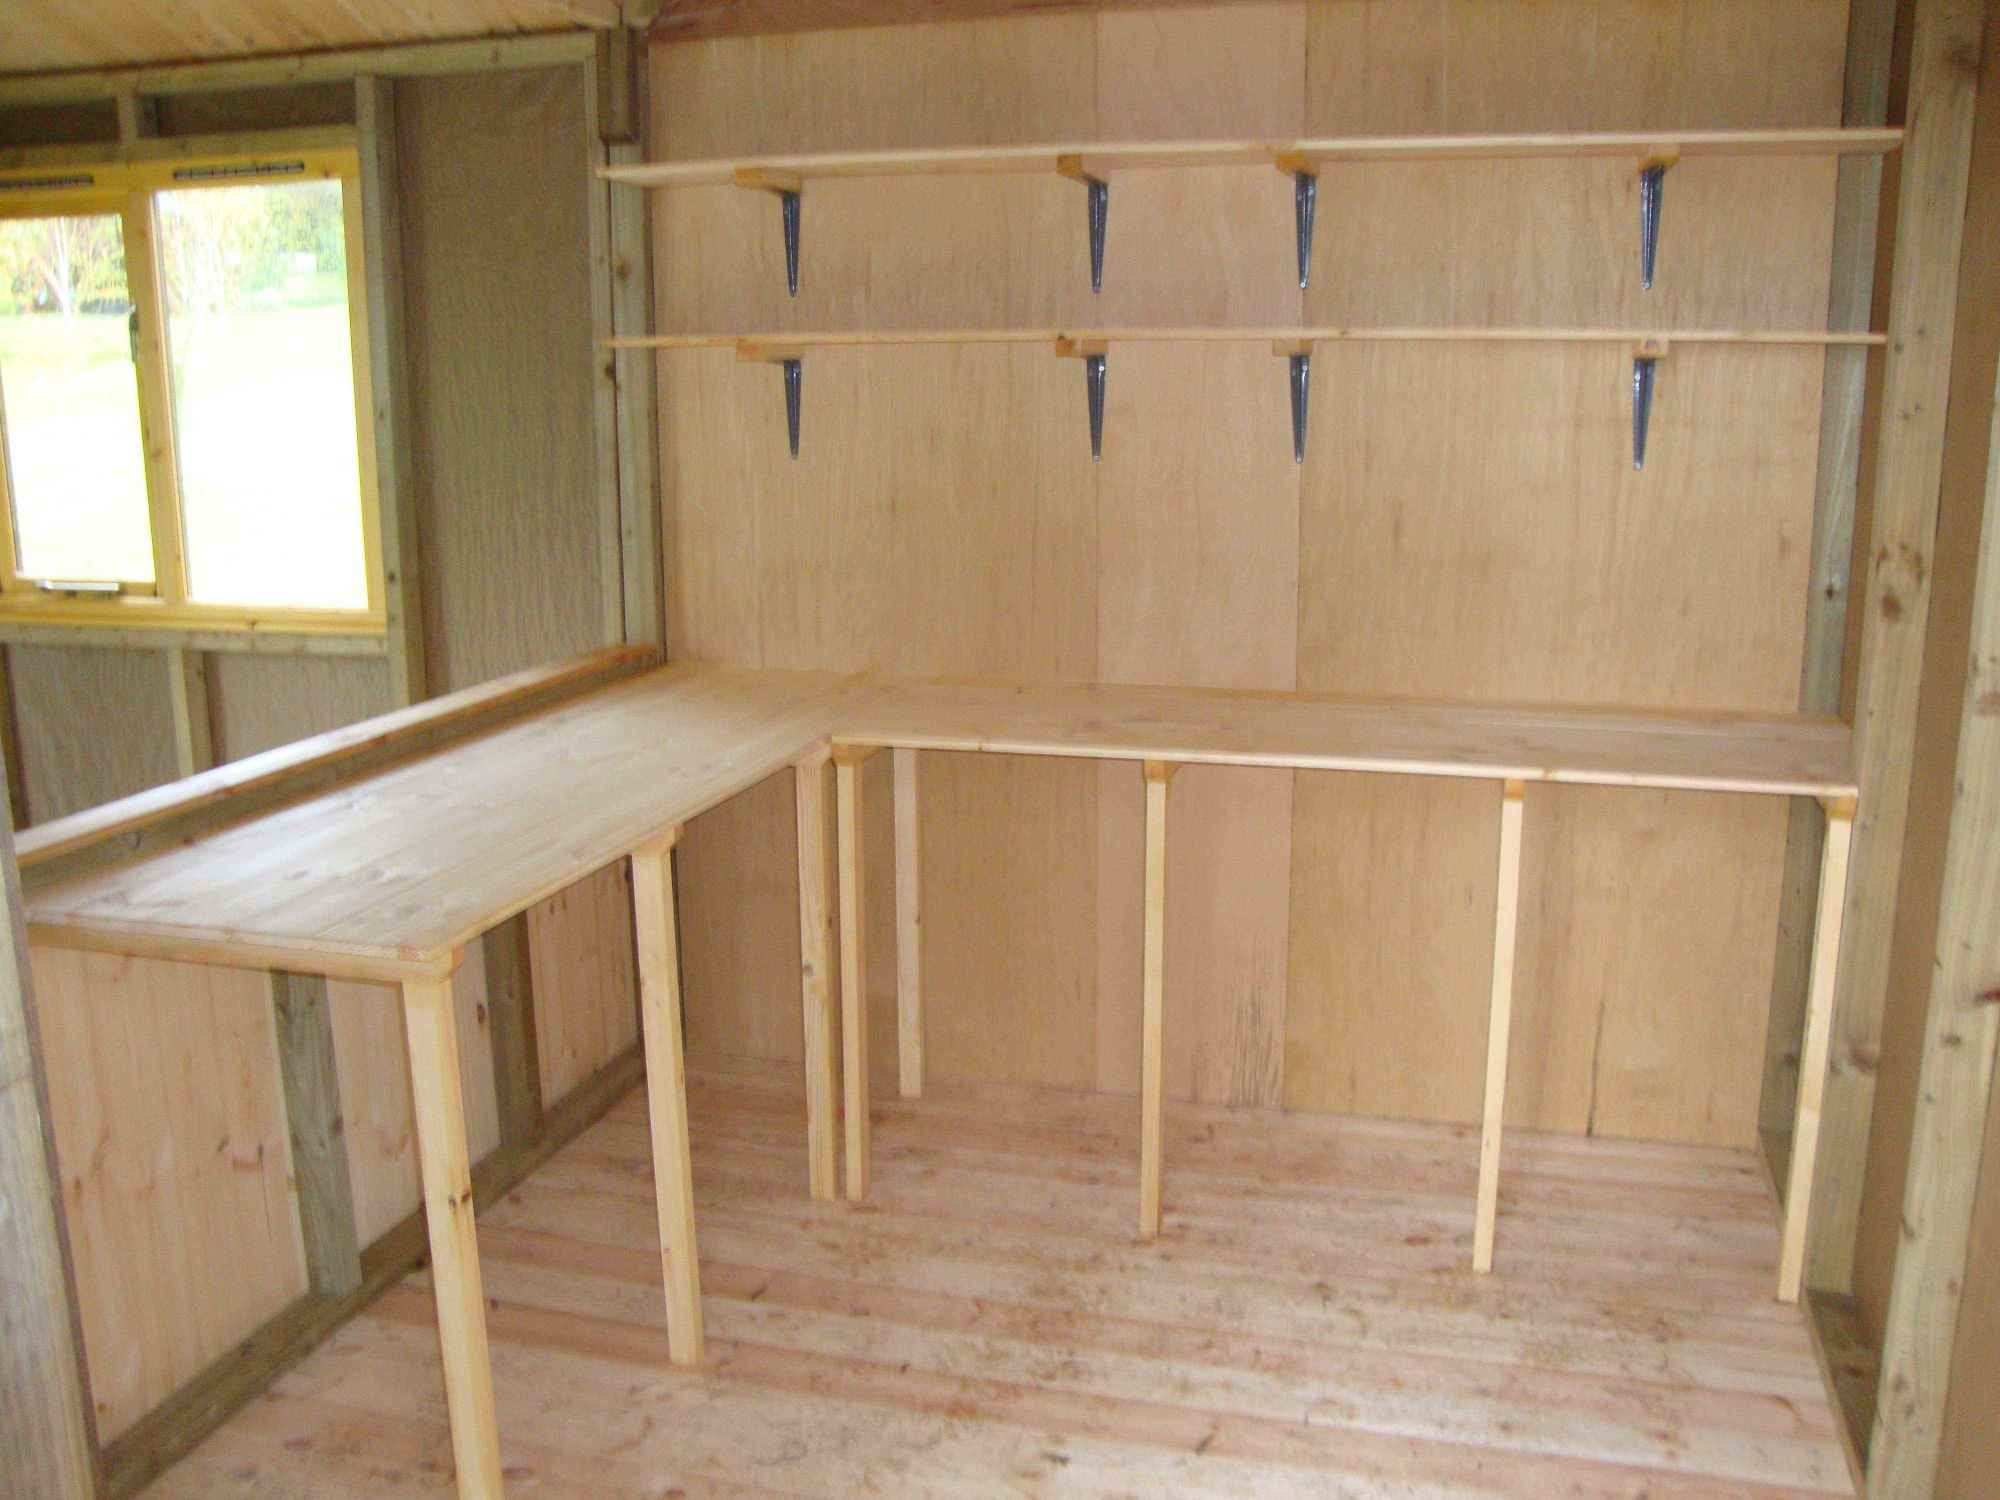 Permalink to building wooden garden bench